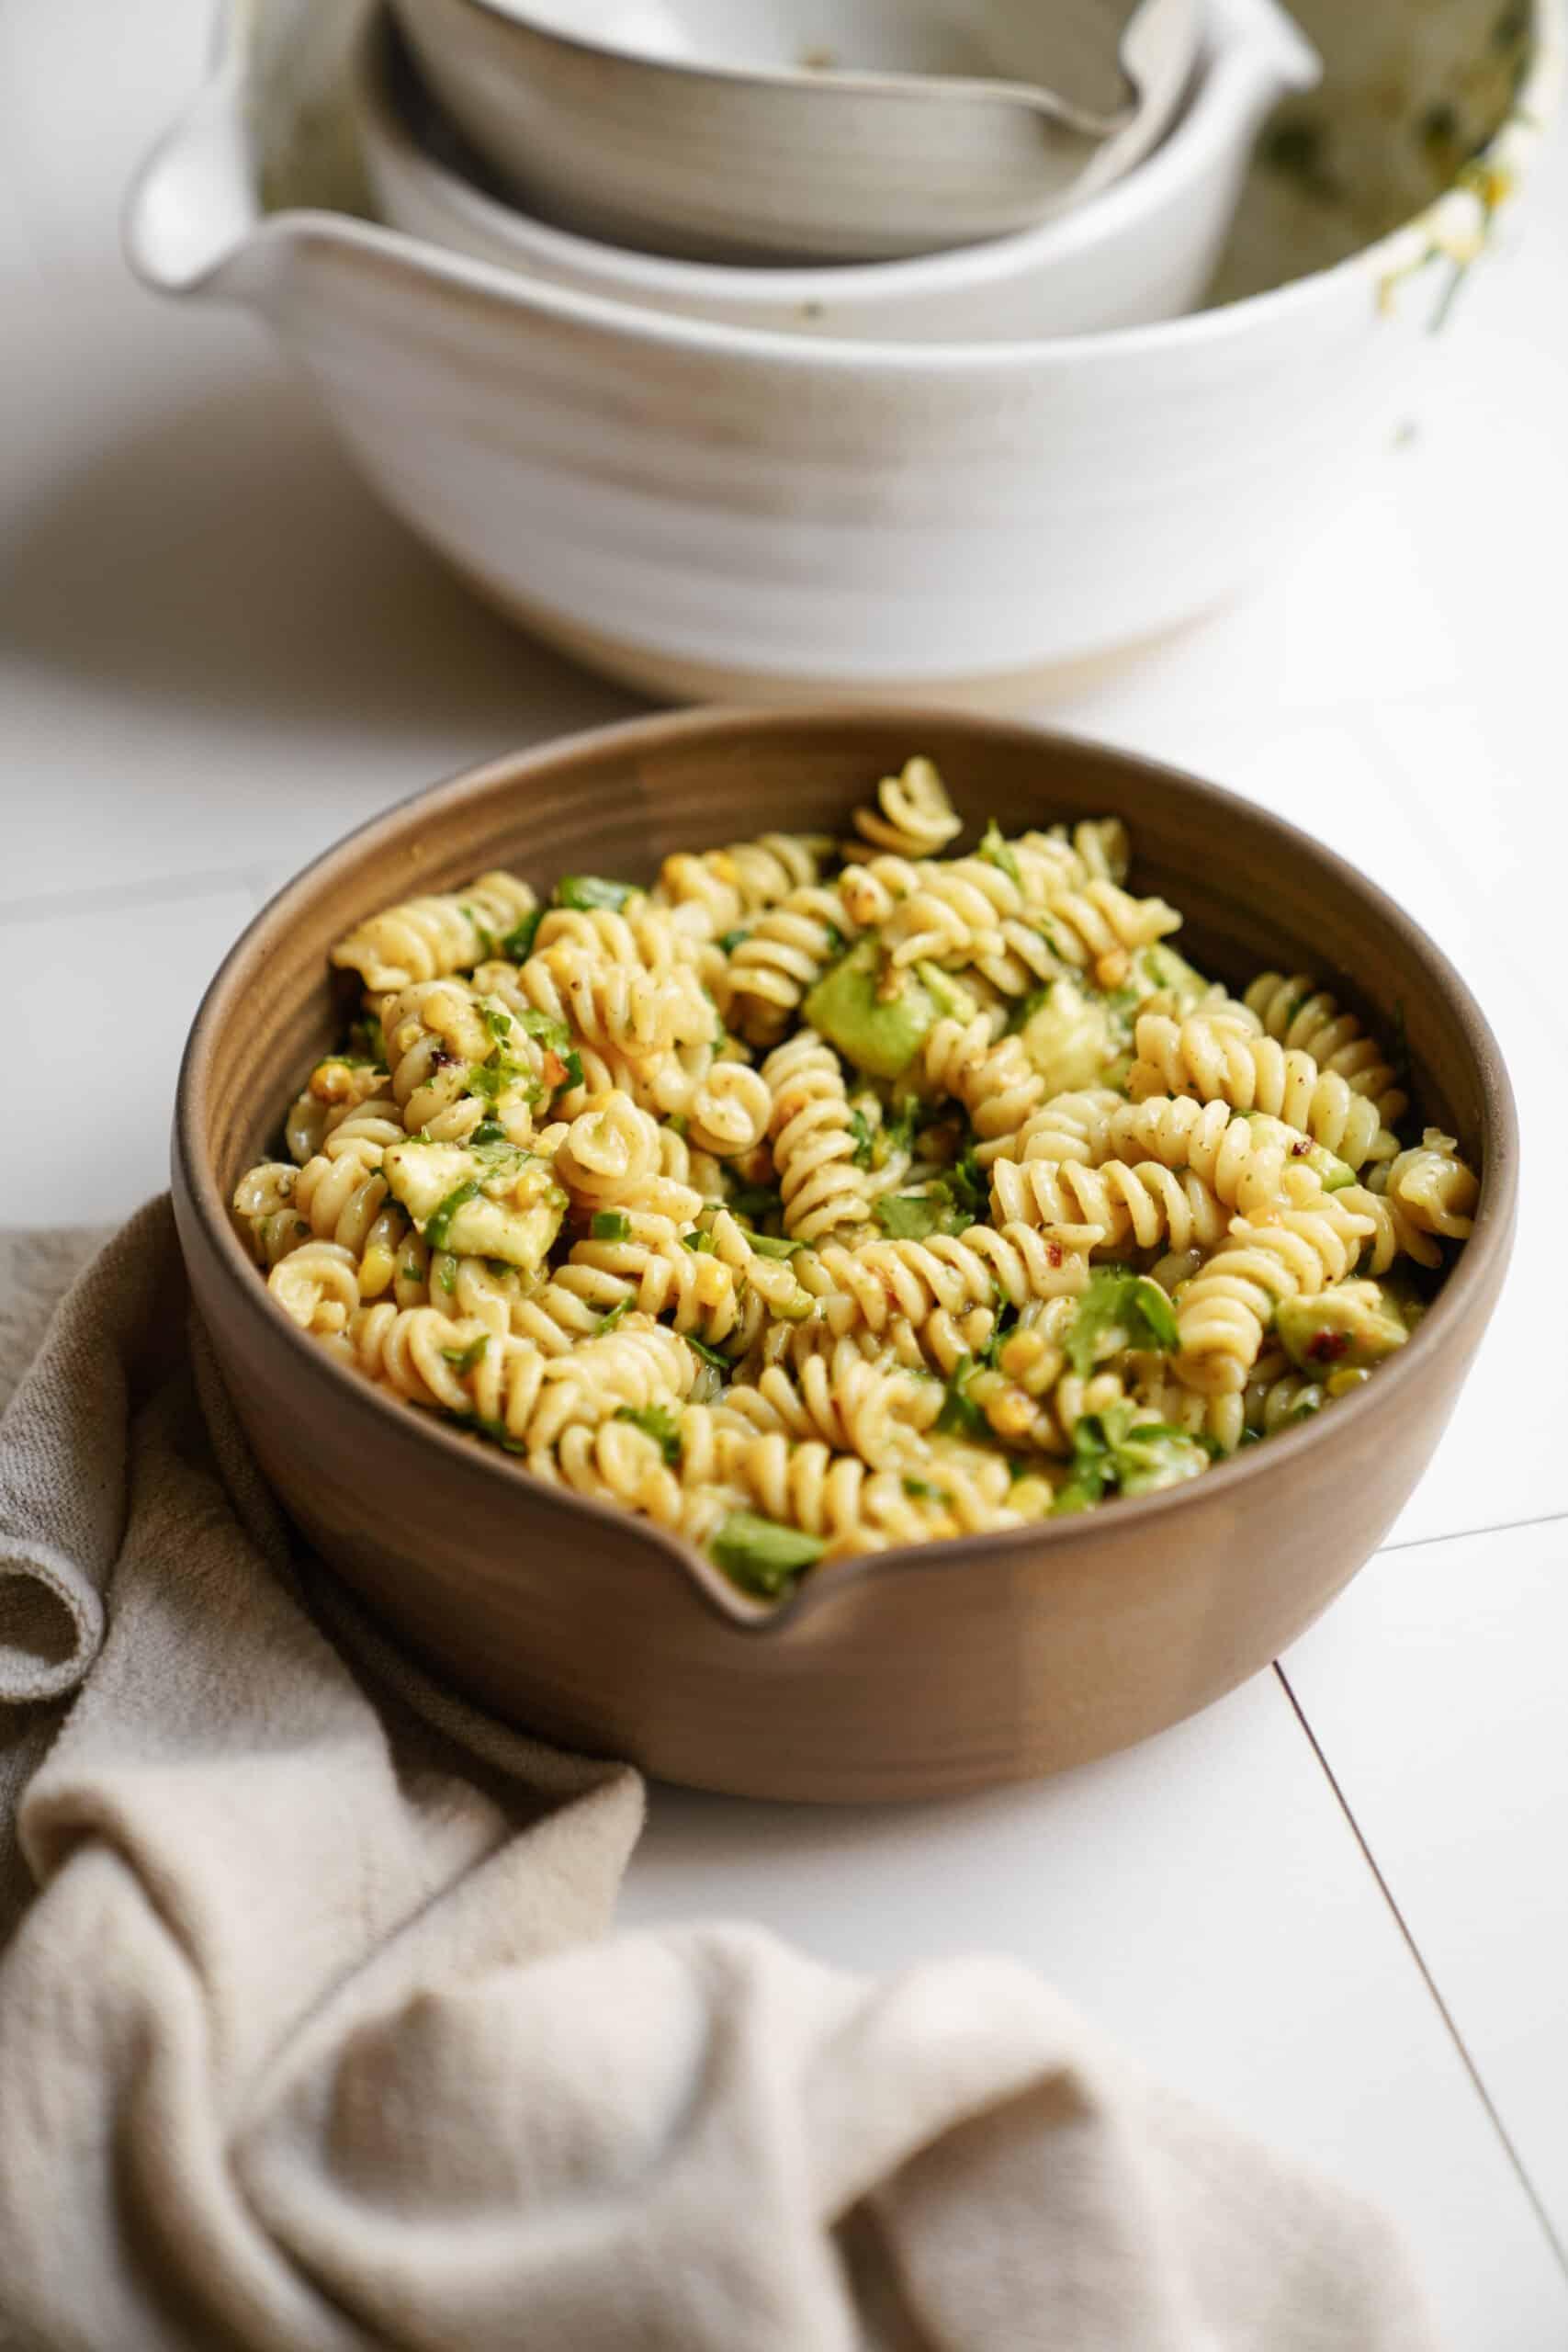 avocado pasta salad in serving bowl